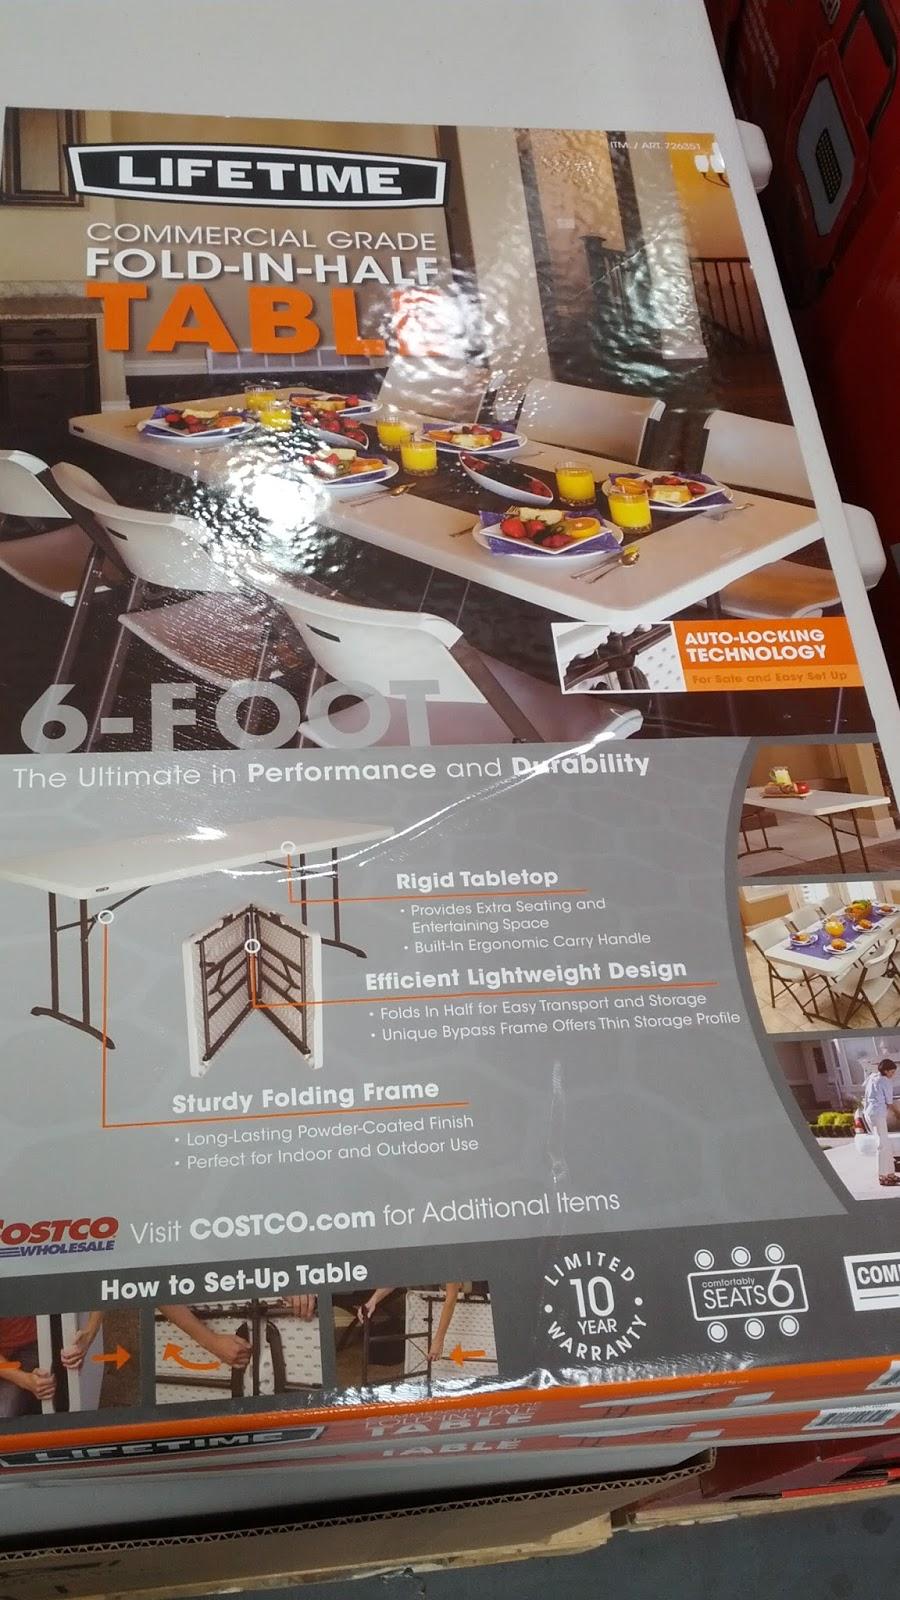 Lifetime Commercial Grade 6 Ft Fold In Half Table Model